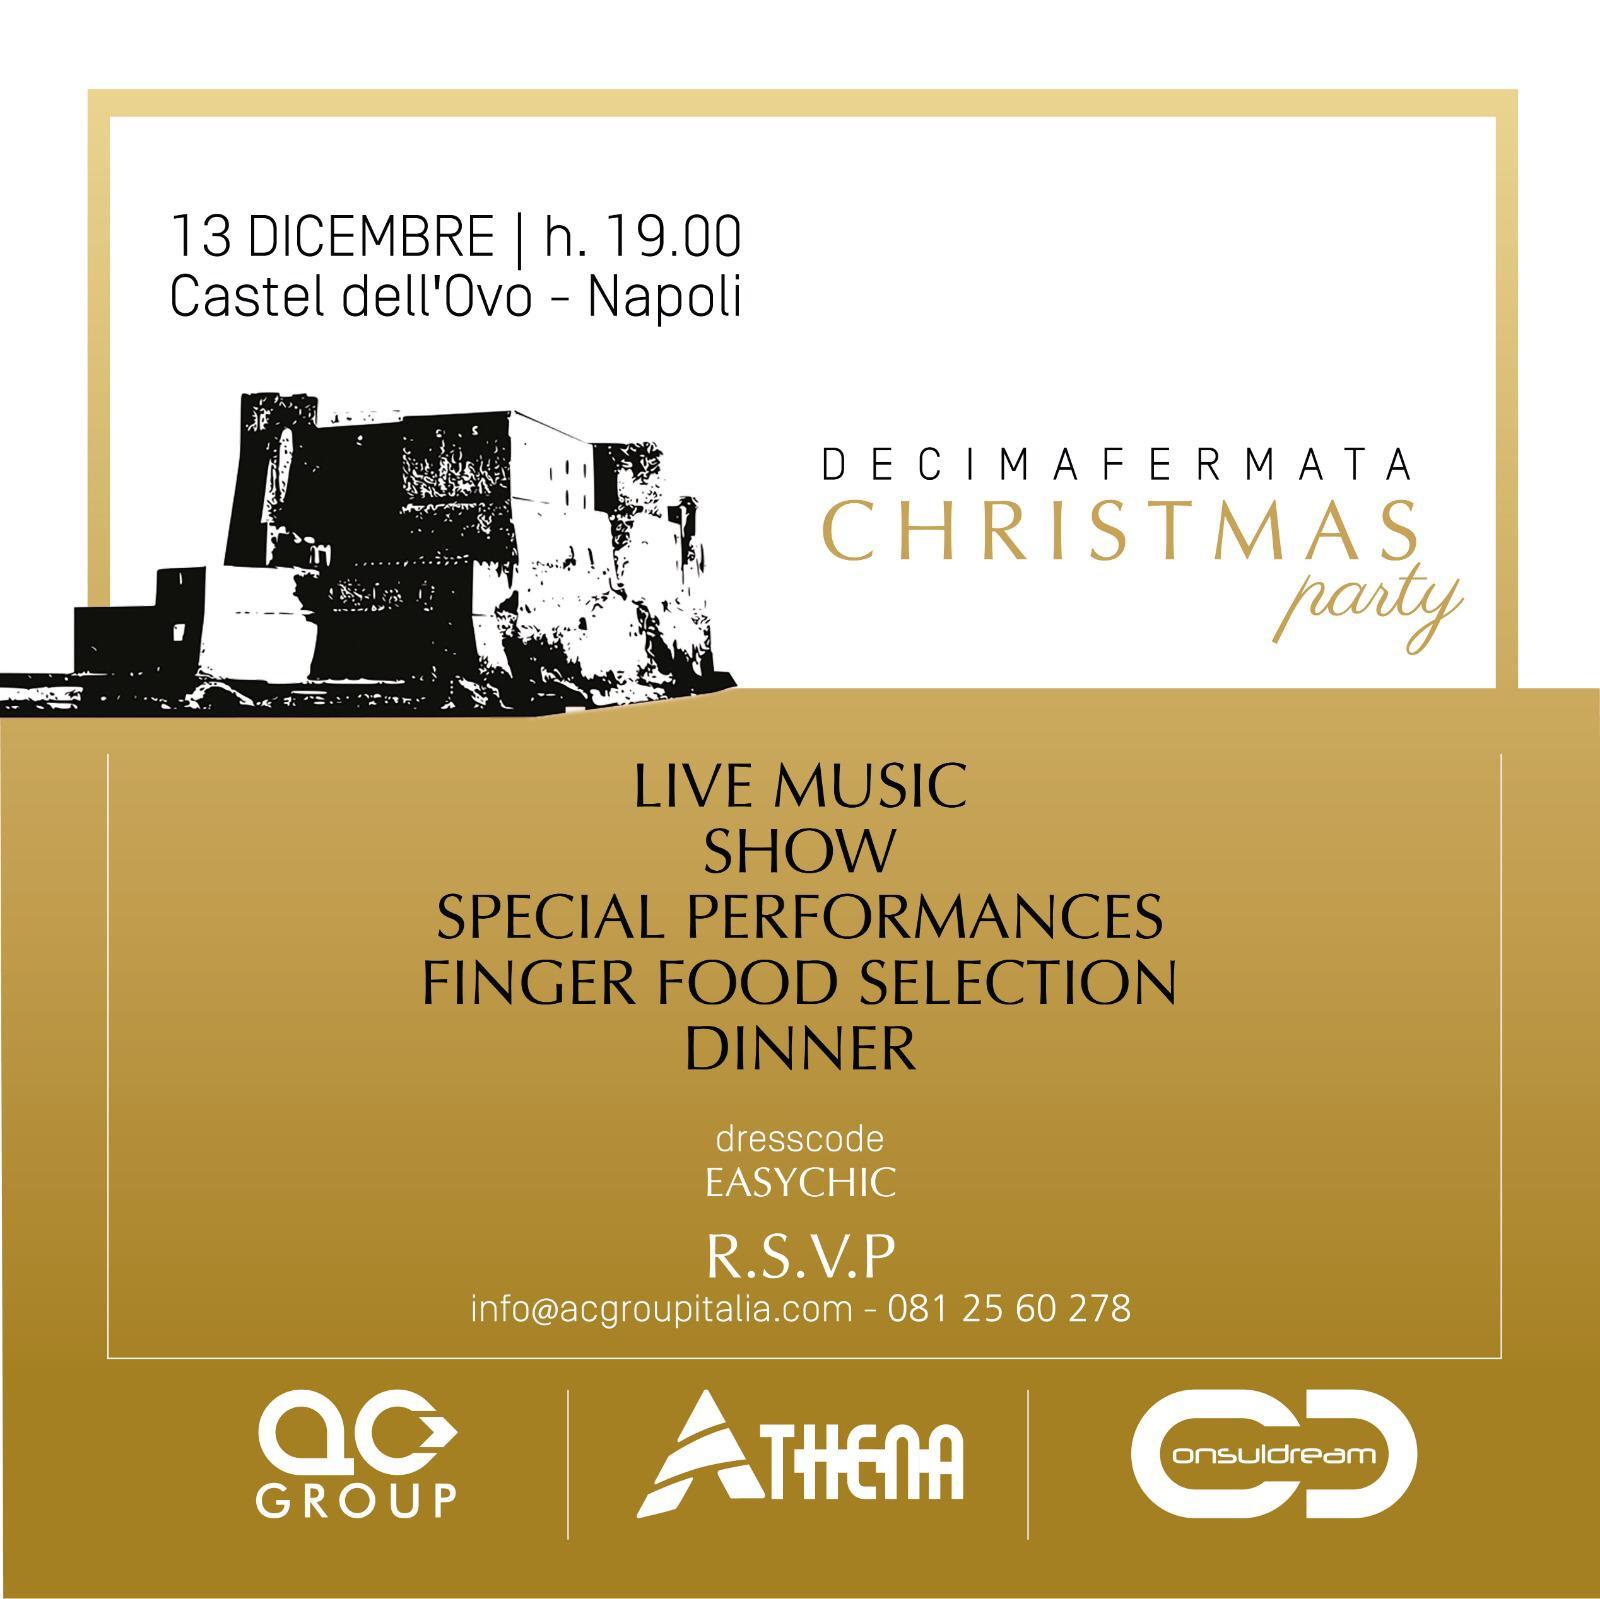 Gigi e Ross al Castel dell'Ovo per il Decimafermata Christmas Party